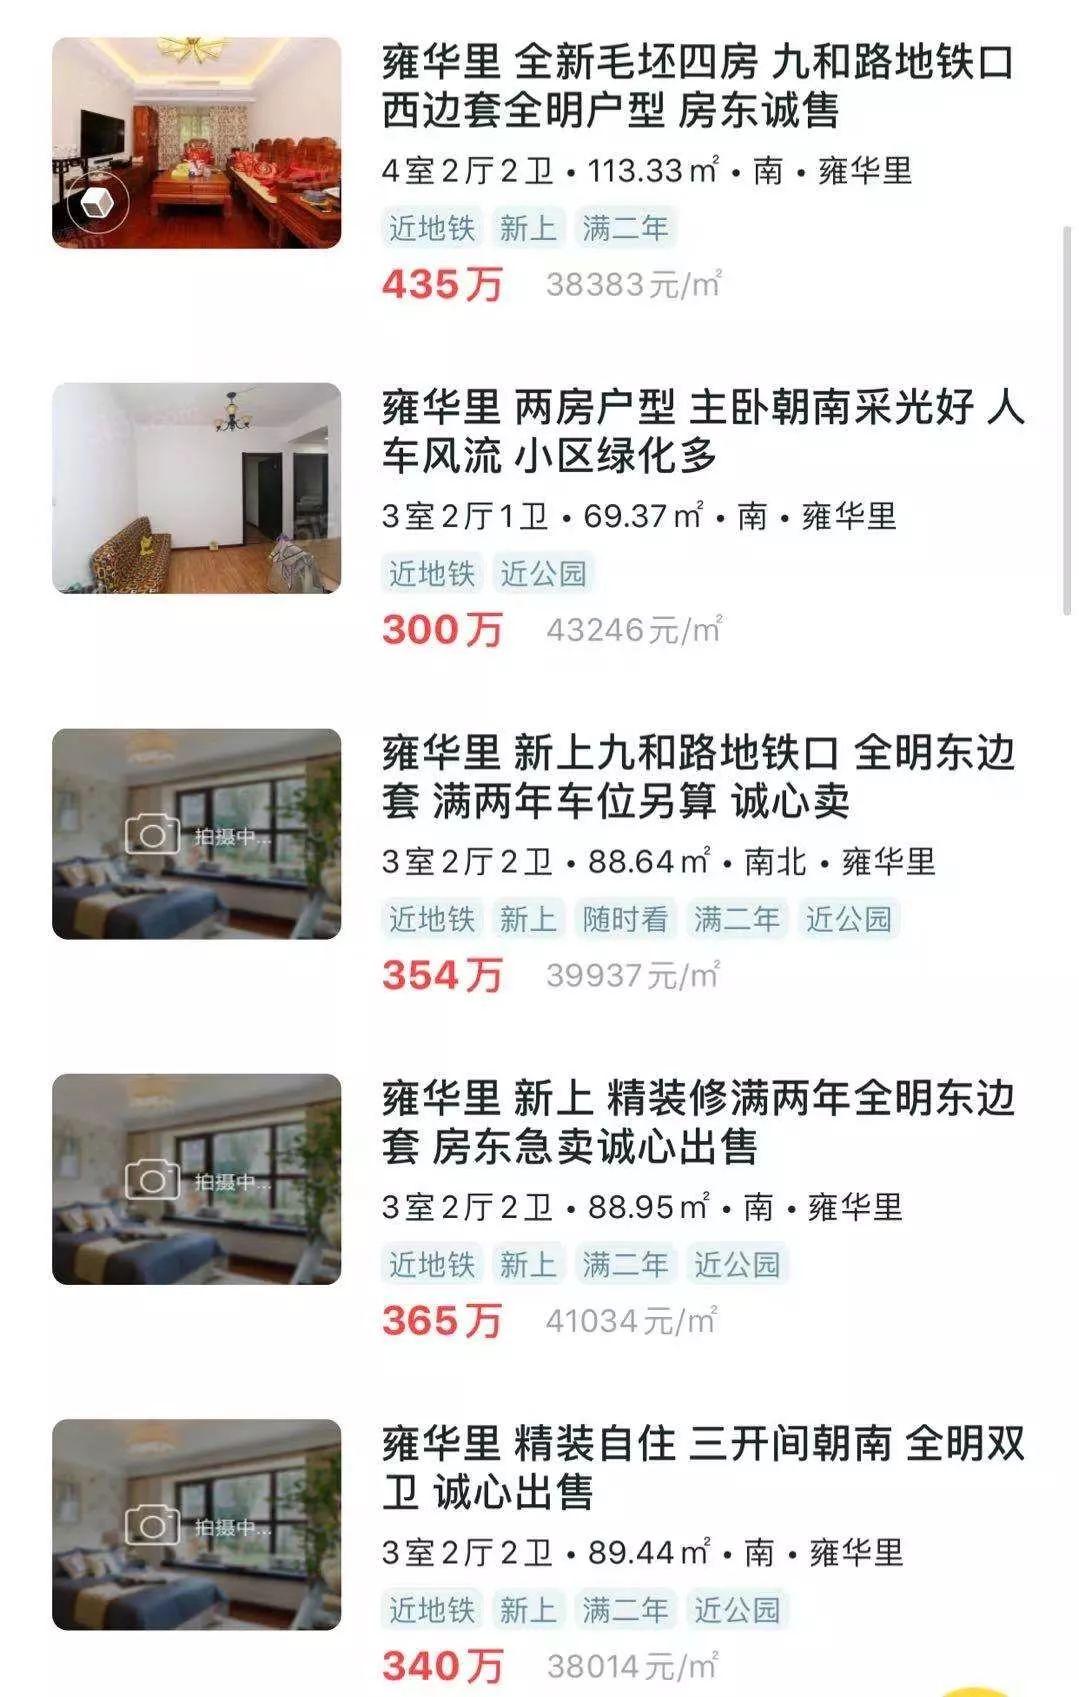 10月后一个看房都没有!杭州楼市:房东直降20万,还可以再谈谈